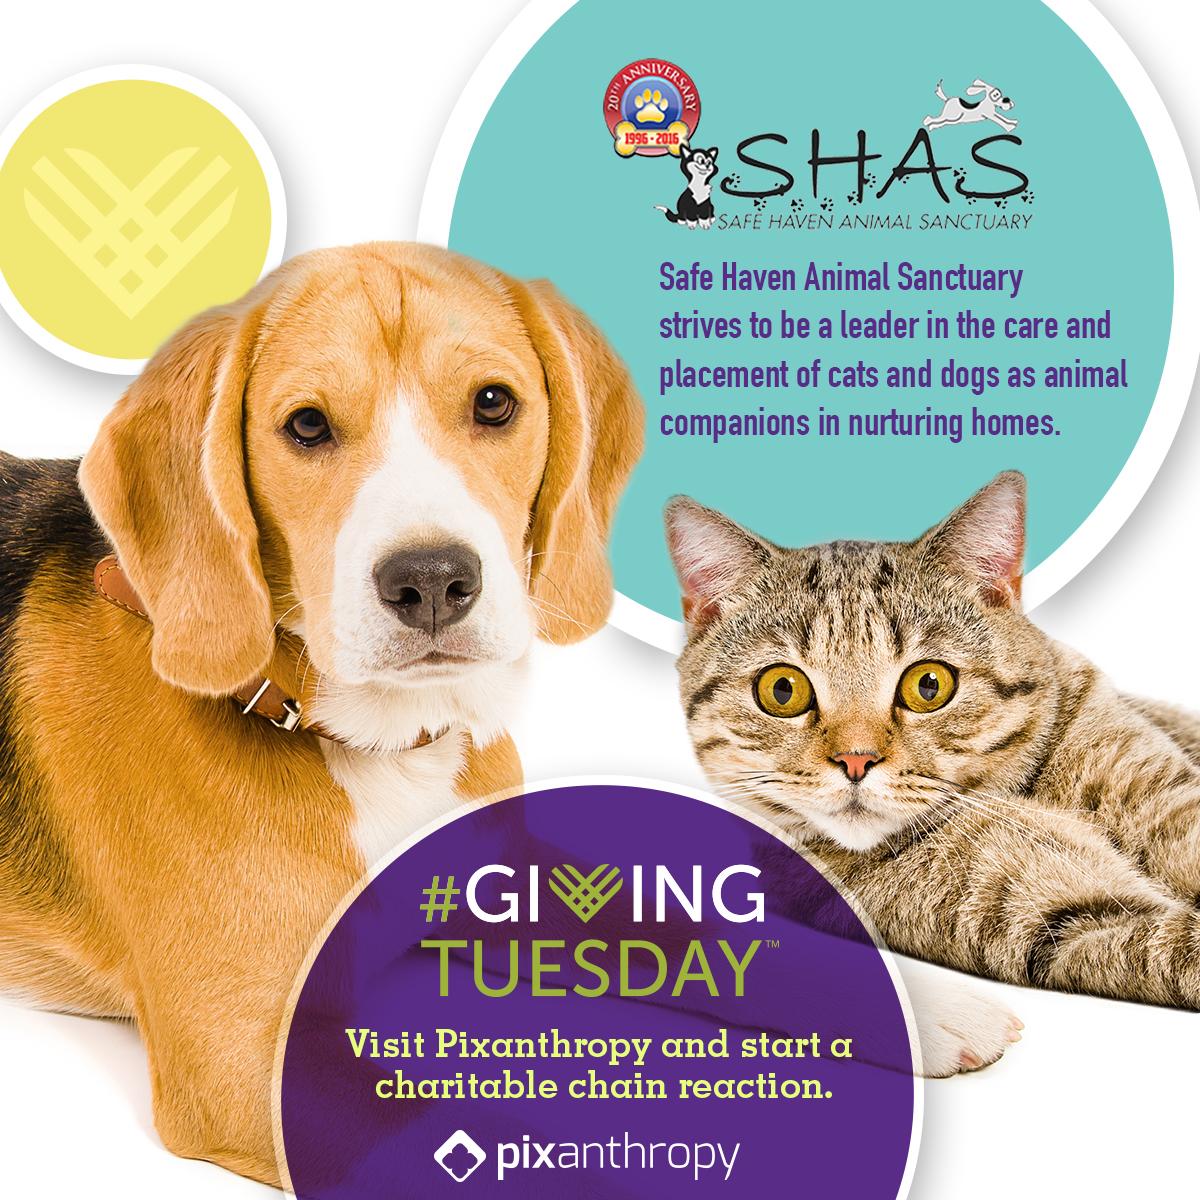 SHAS_GivingTuesday_FBPost.jpg